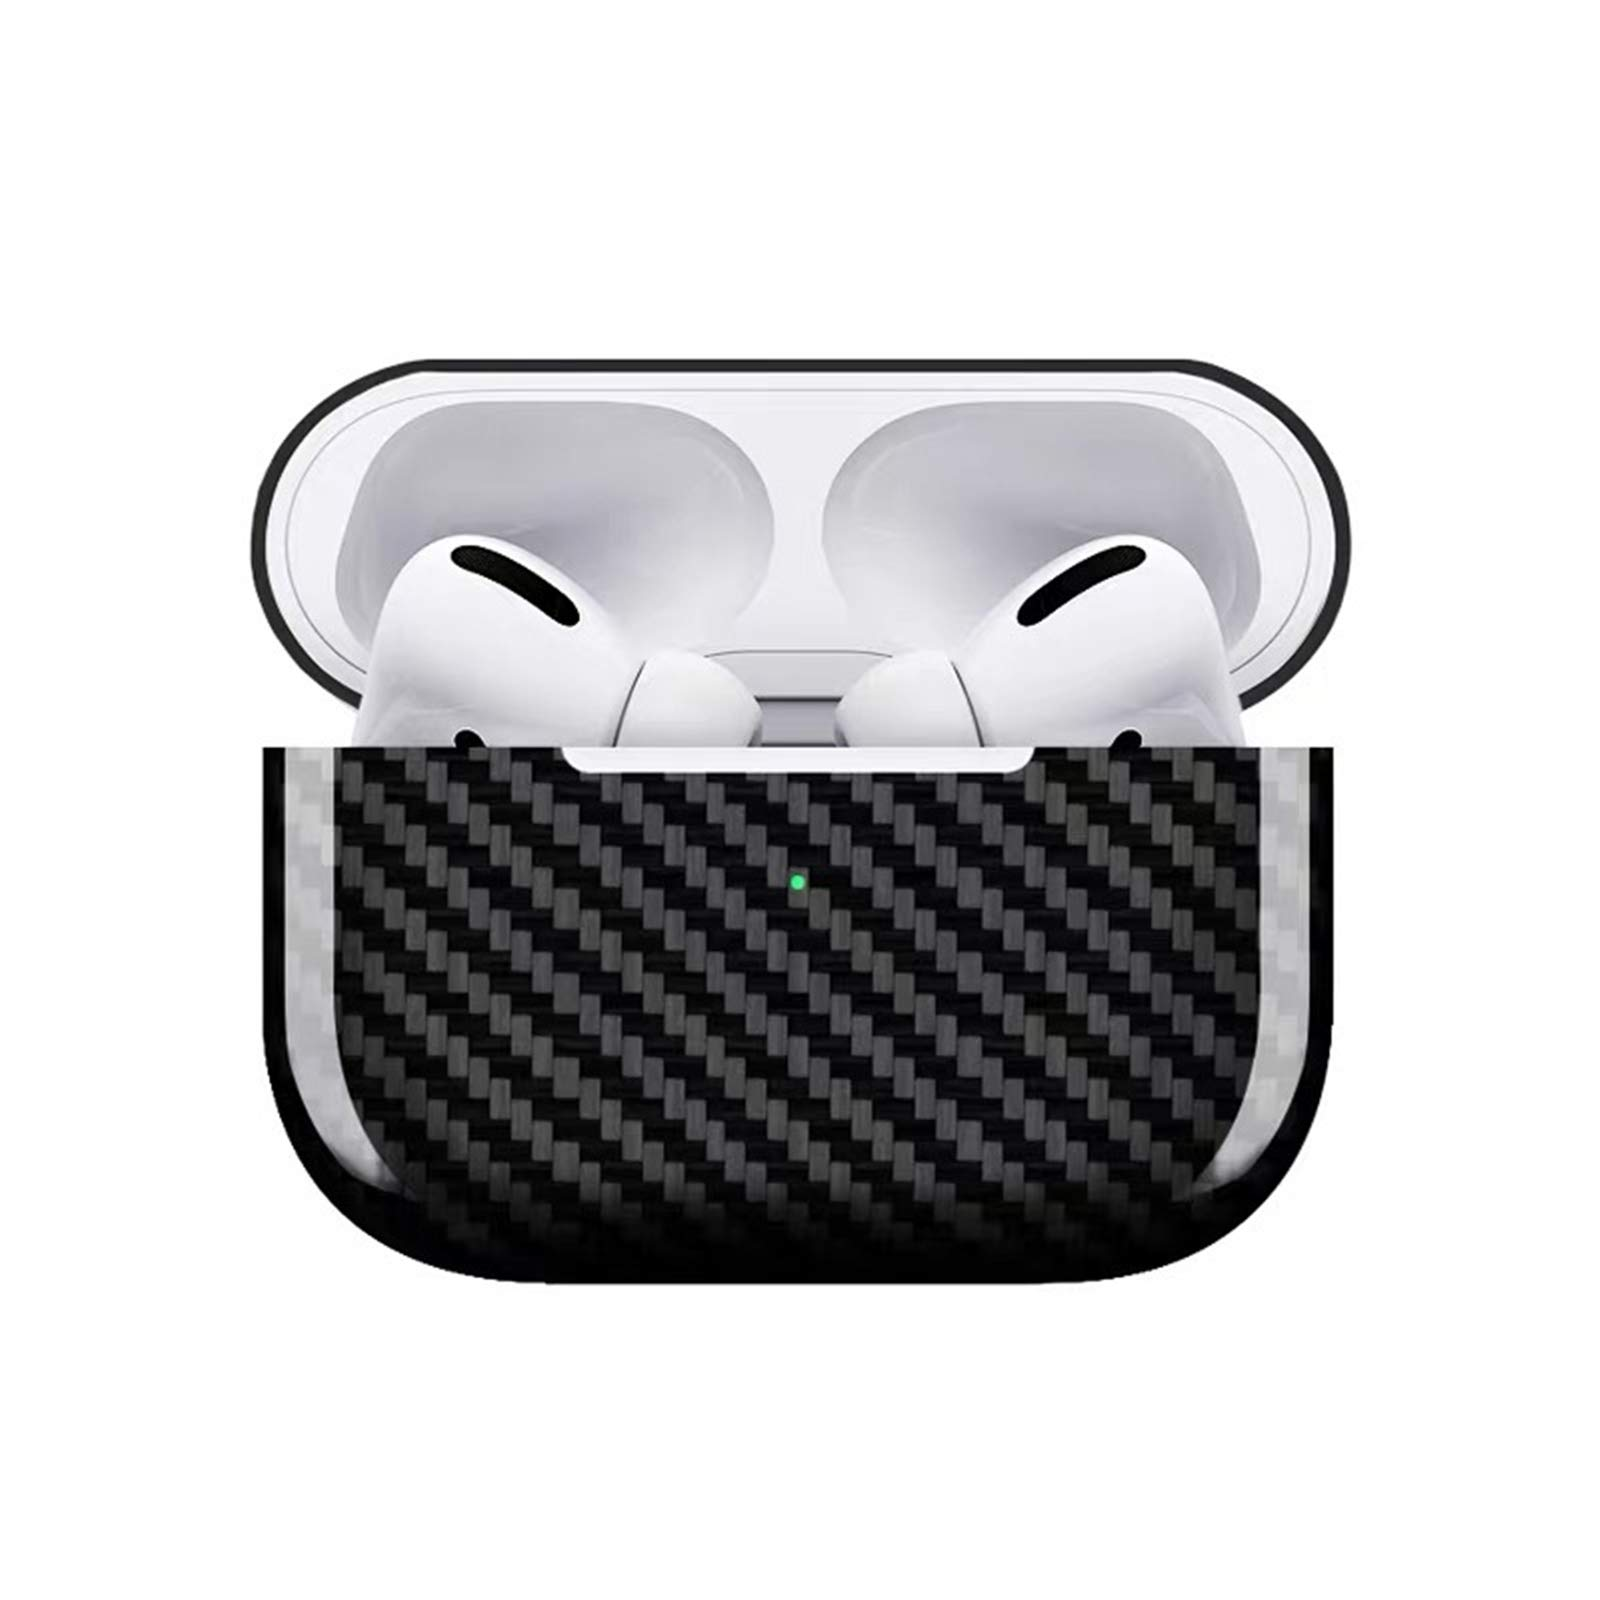 LICHIFIT Carcasa Ultrafina de Fibra de Carbono Funda para Apple AirPods Pro Caja de Carga Almacenamiento Resistente a los arañazos: Amazon.es: Electrónica